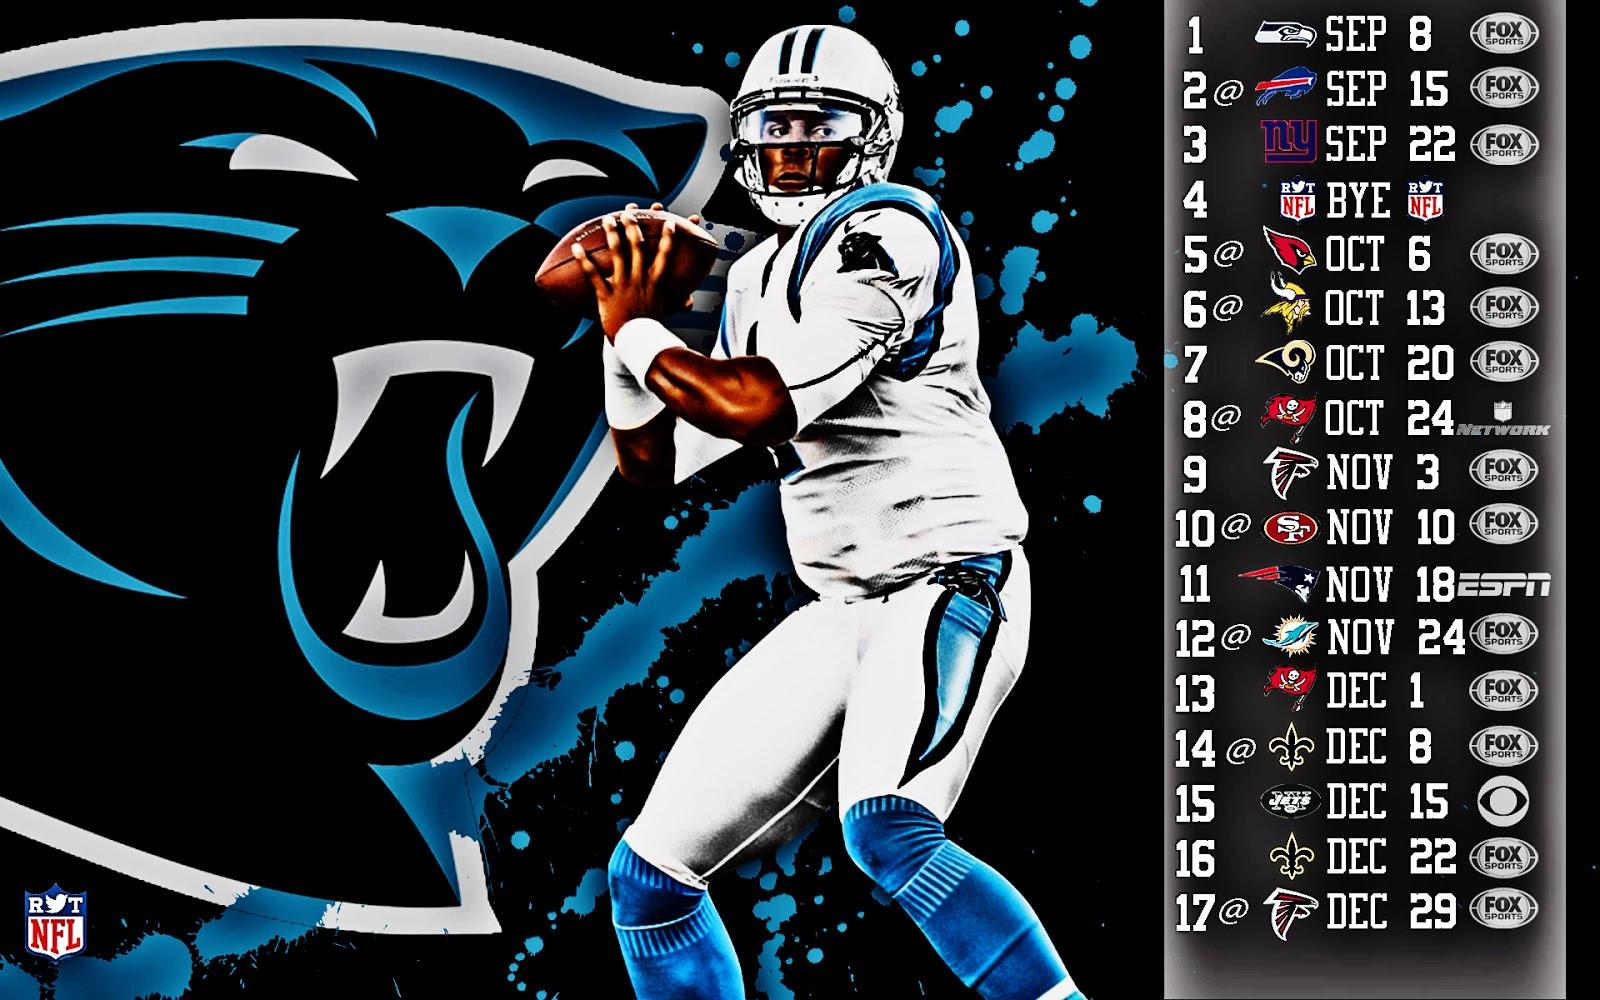 @NFLRT: 2013 NFL Schedule Wallpapers